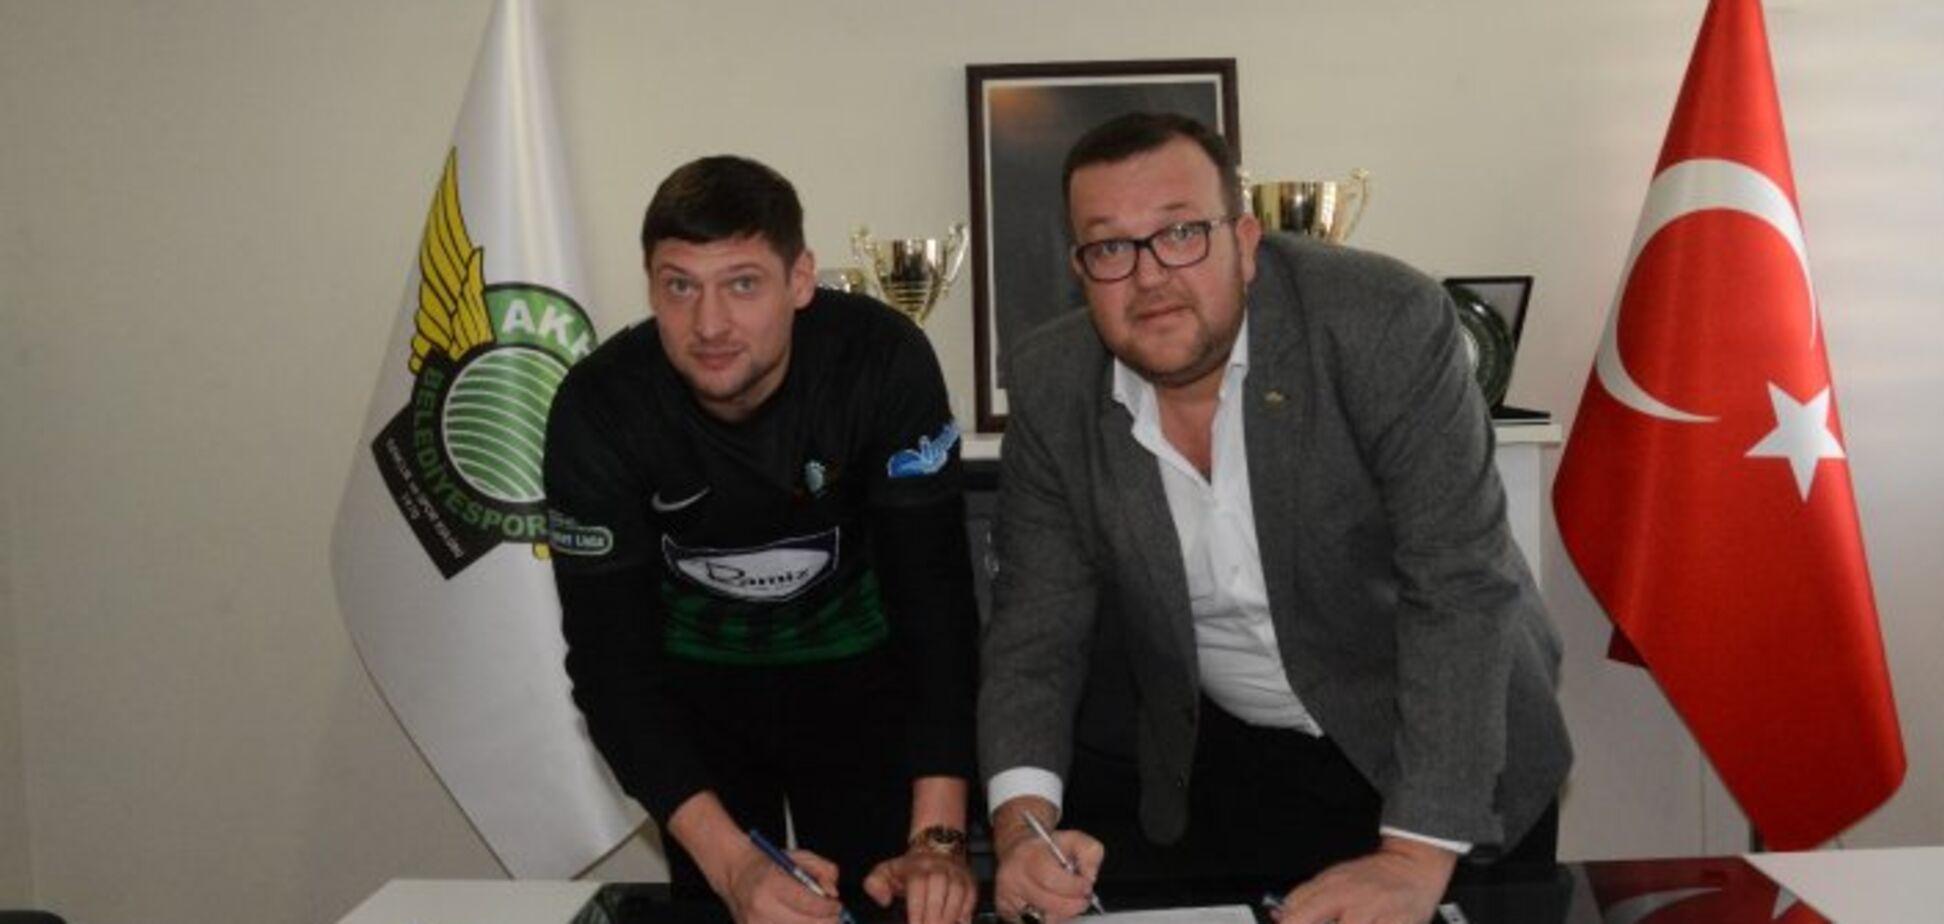 Сумасшедший чемпионат: футболист сборной Украины подписал контракт с новым европейским клубом